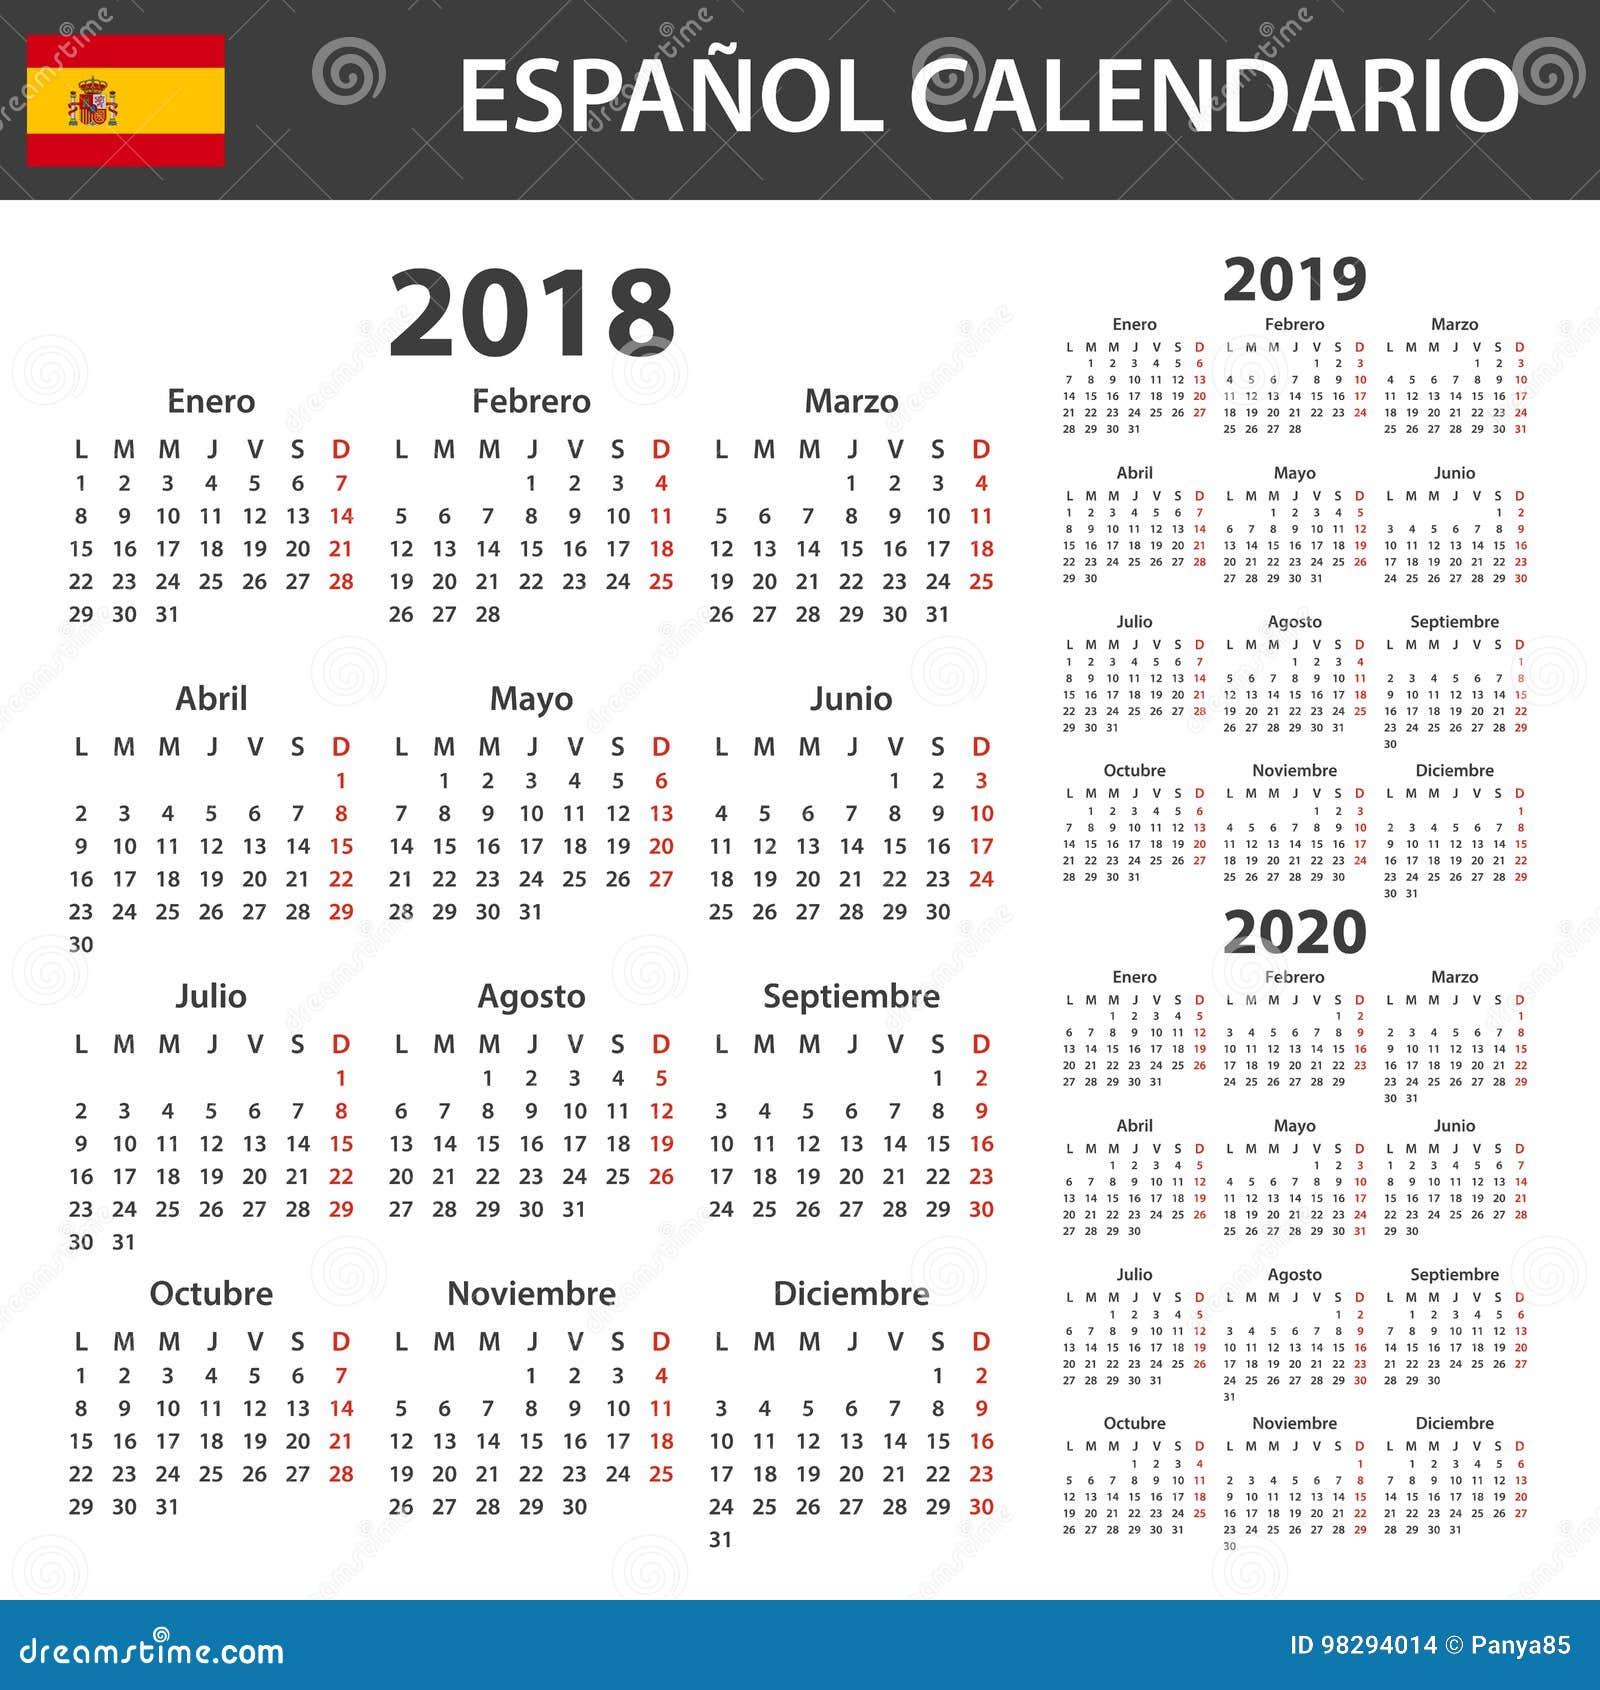 Calendario Español Para 2018, 2019 Y 2020 Planificador, Orden Del ...